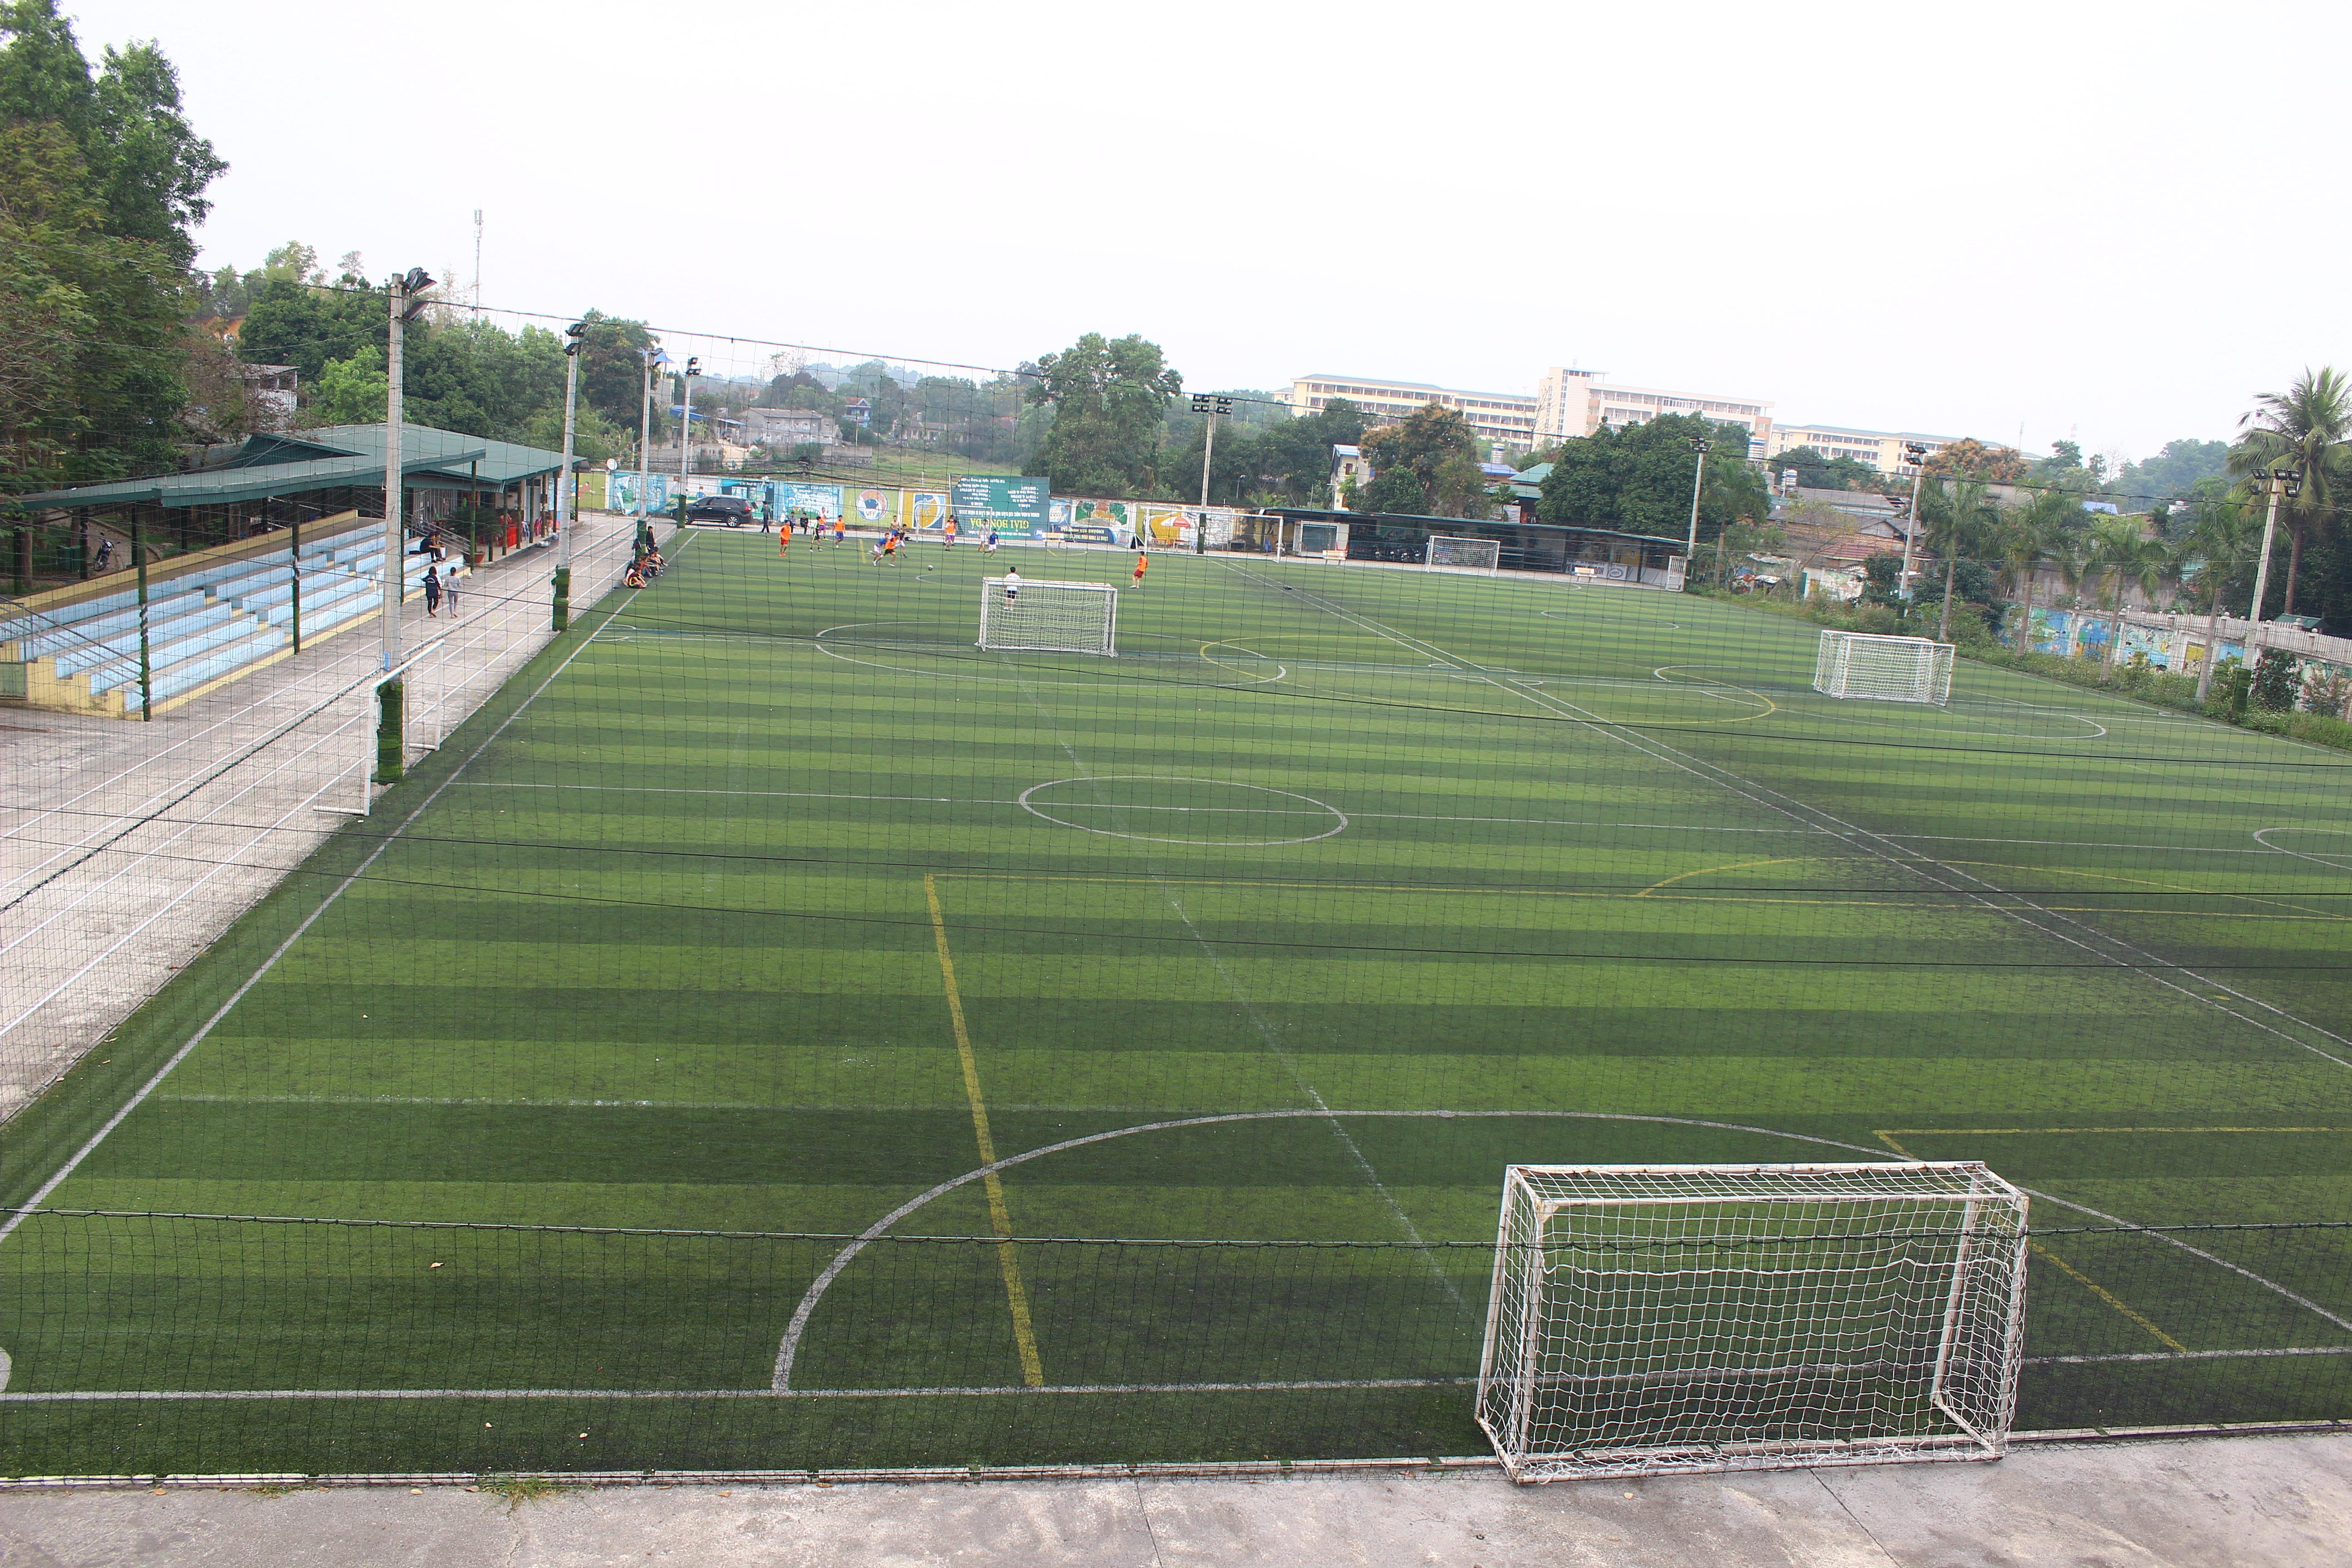 Sau khi gặp mưa lớn, sân bị ngập nước sẽ có một số vấn đề xảy ra như: 1